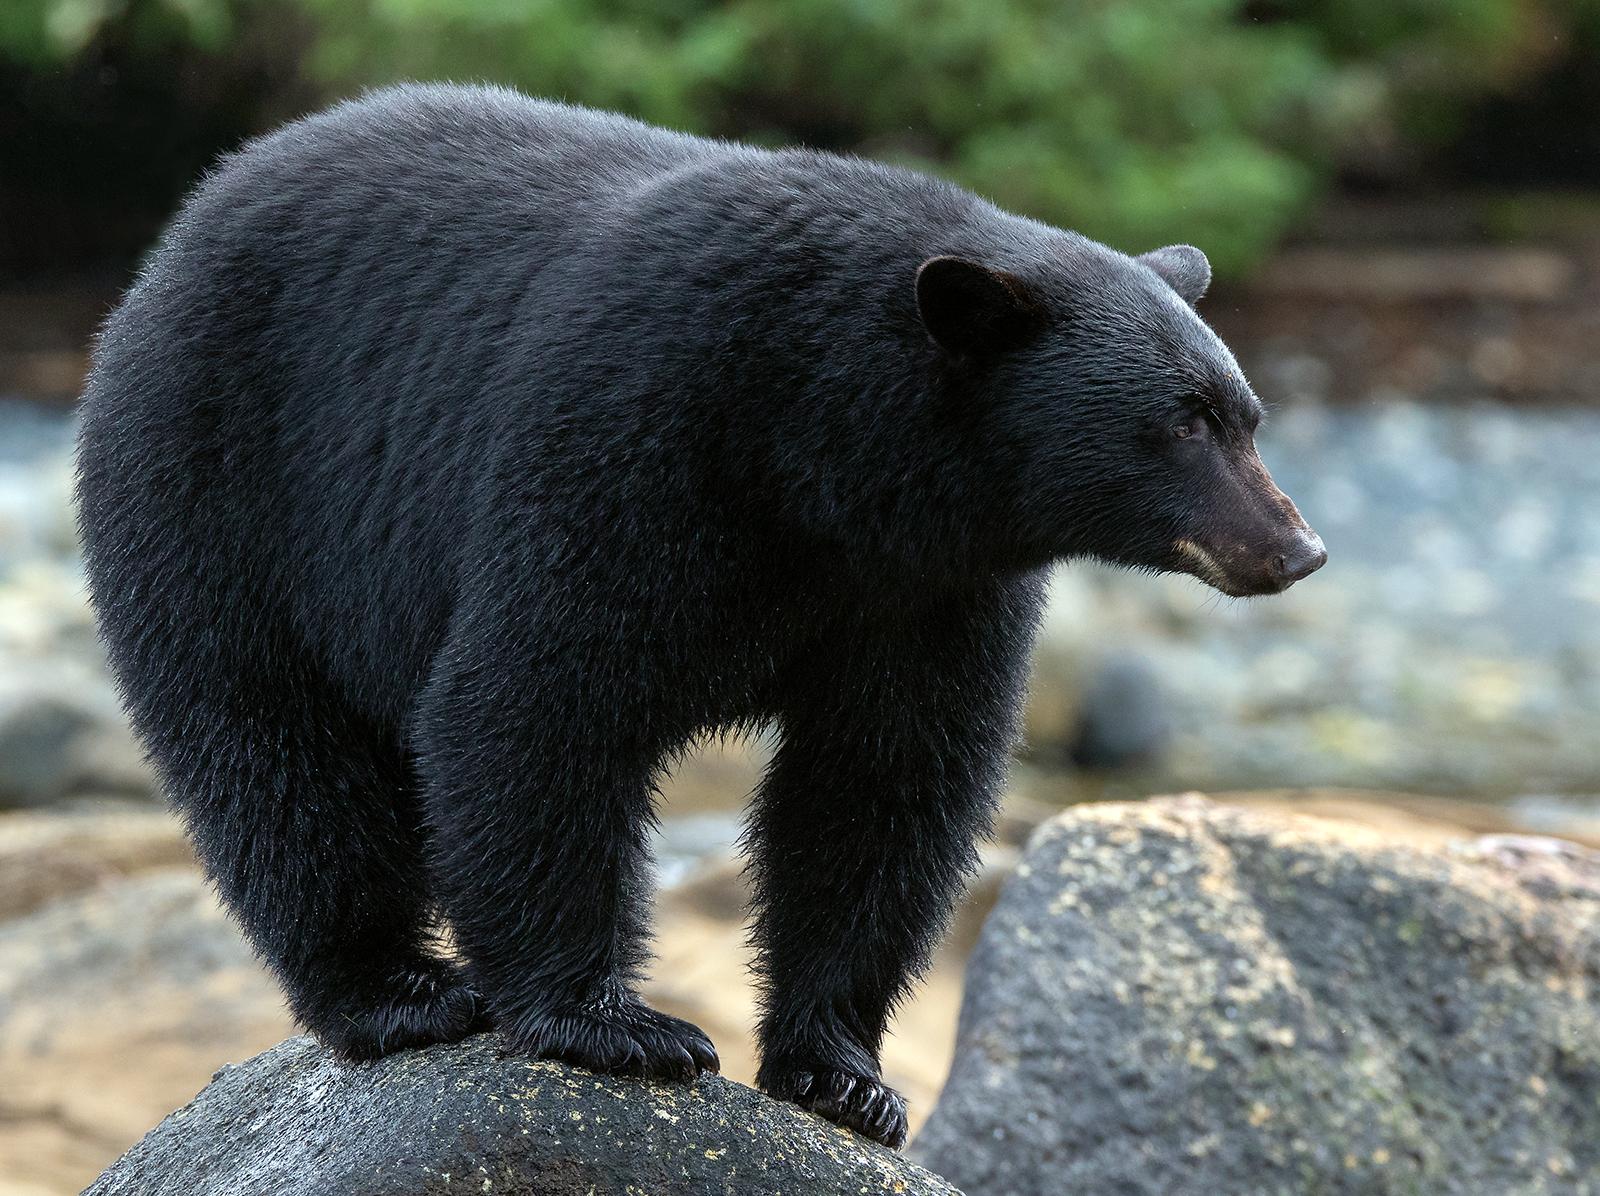 Keogh River Black Bear 016.jpg